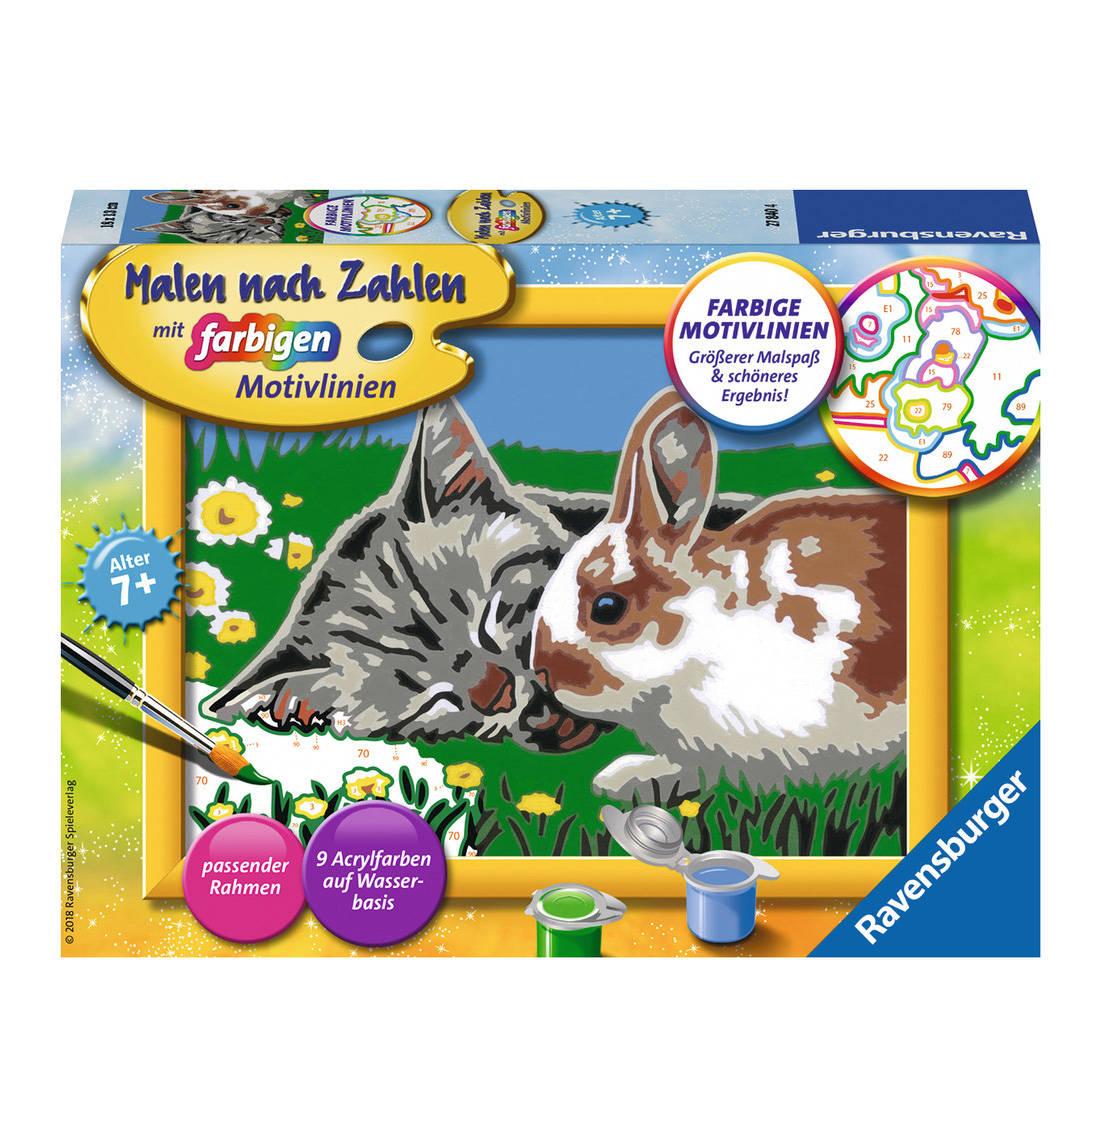 Katzchen Und Haschen Katzen Malen Nach Zahlen Und Perfektes Bild